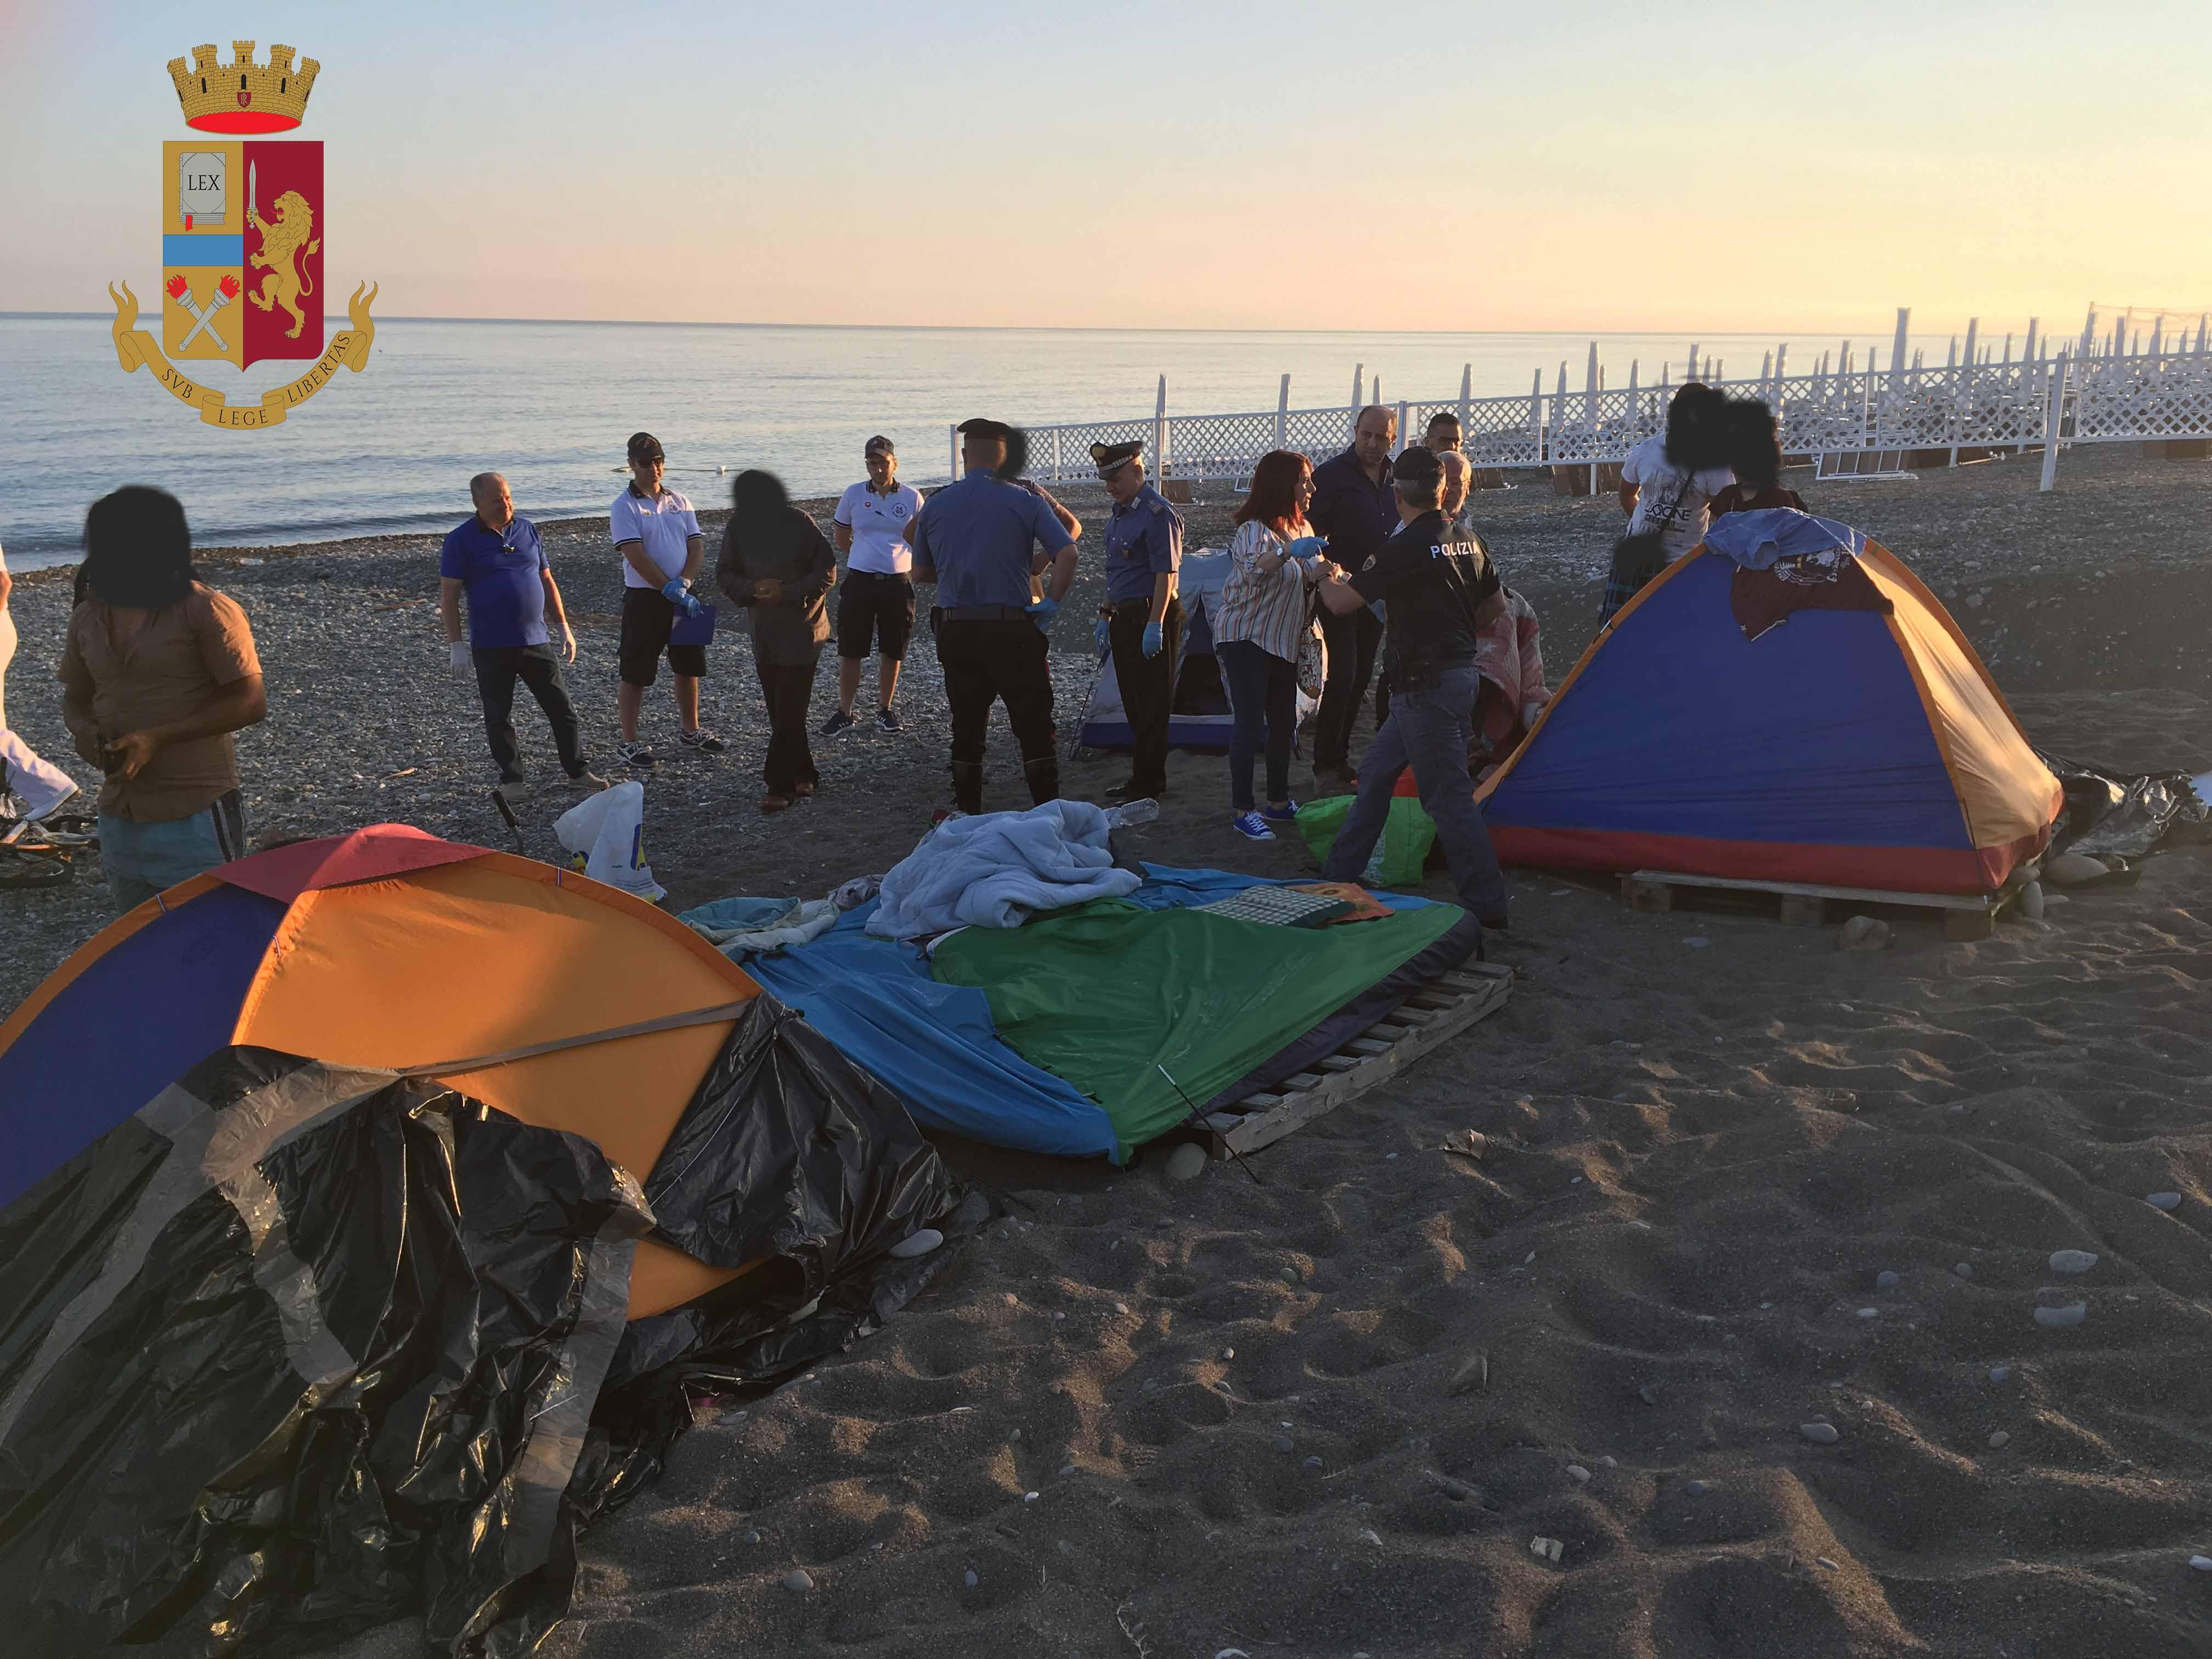 Poliziotti e carabinieri sgomberano dalla spiaggia accampamento nomadi